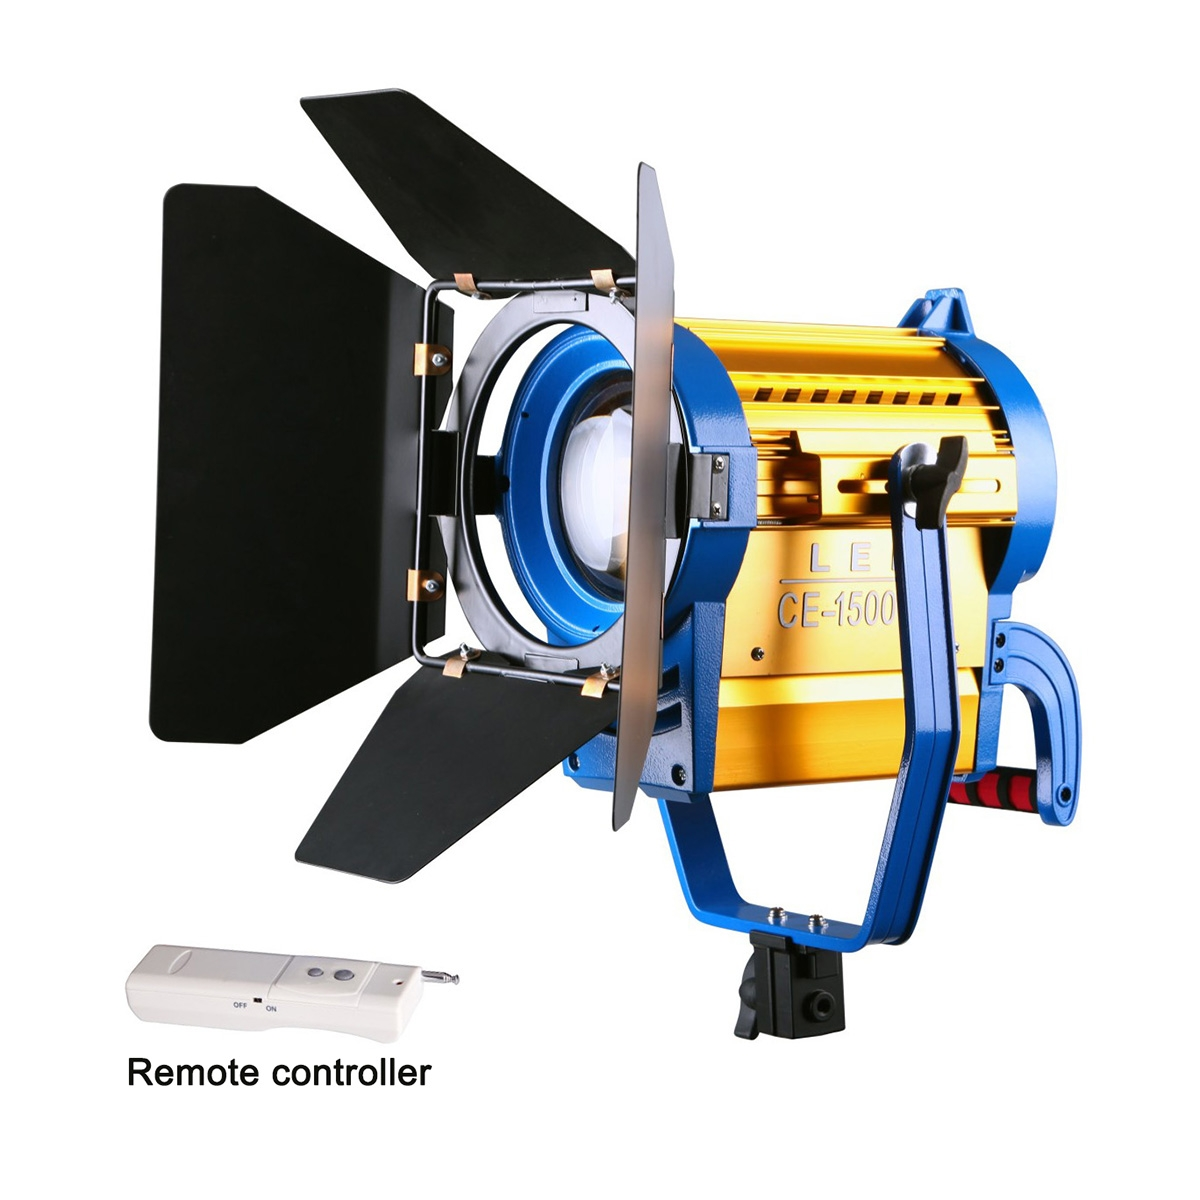 Bộ kit phòng quay chuyên nghiệp MD03 ( Đèn led spotlight Nicefoto) Photoviet